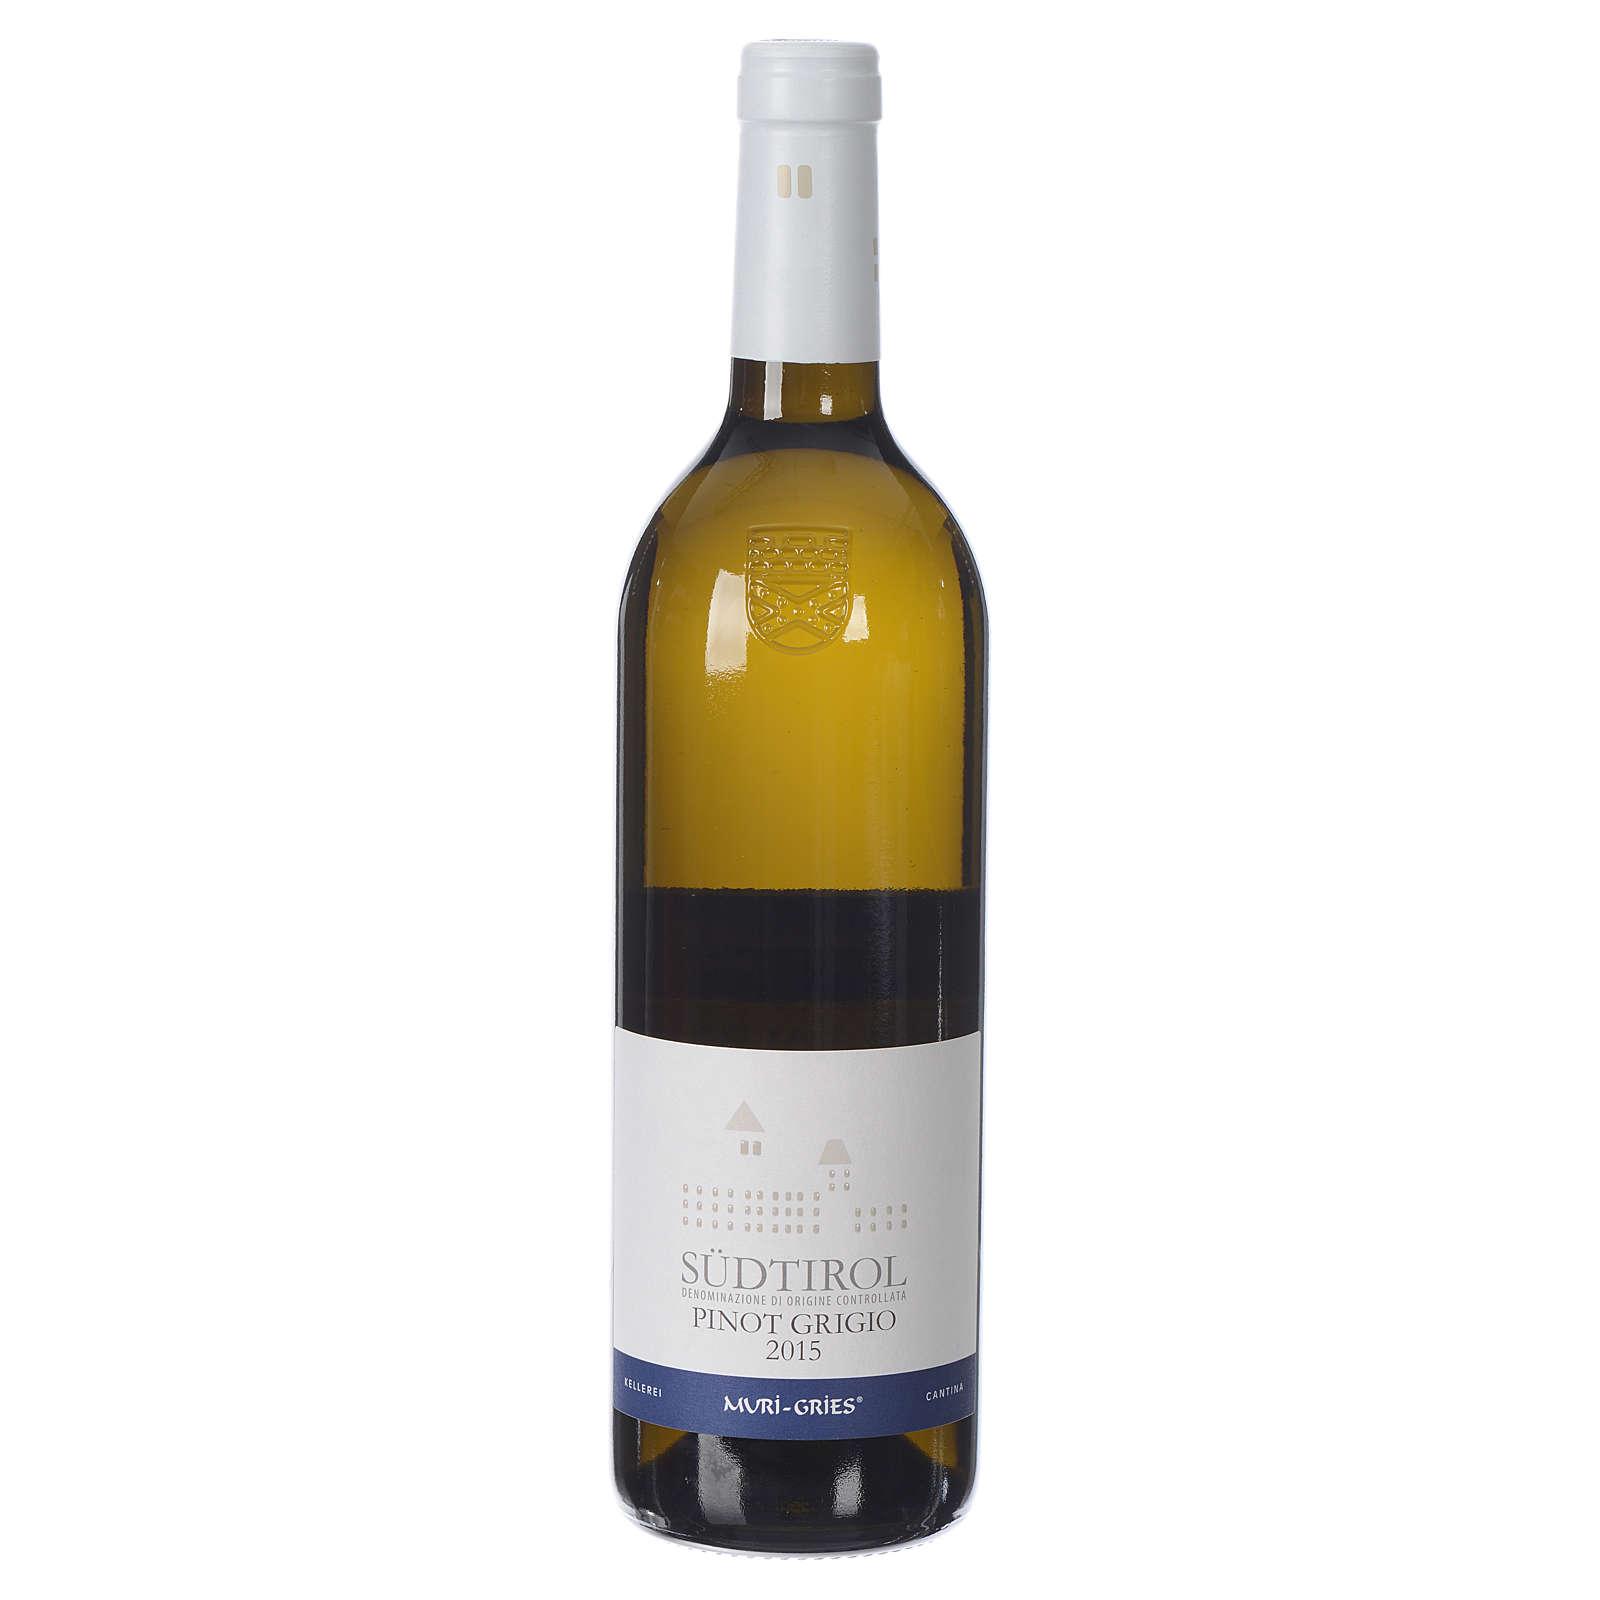 Vino Pinot Grigio DOC 2015 Abbazia Muri Gries 750 ml 3